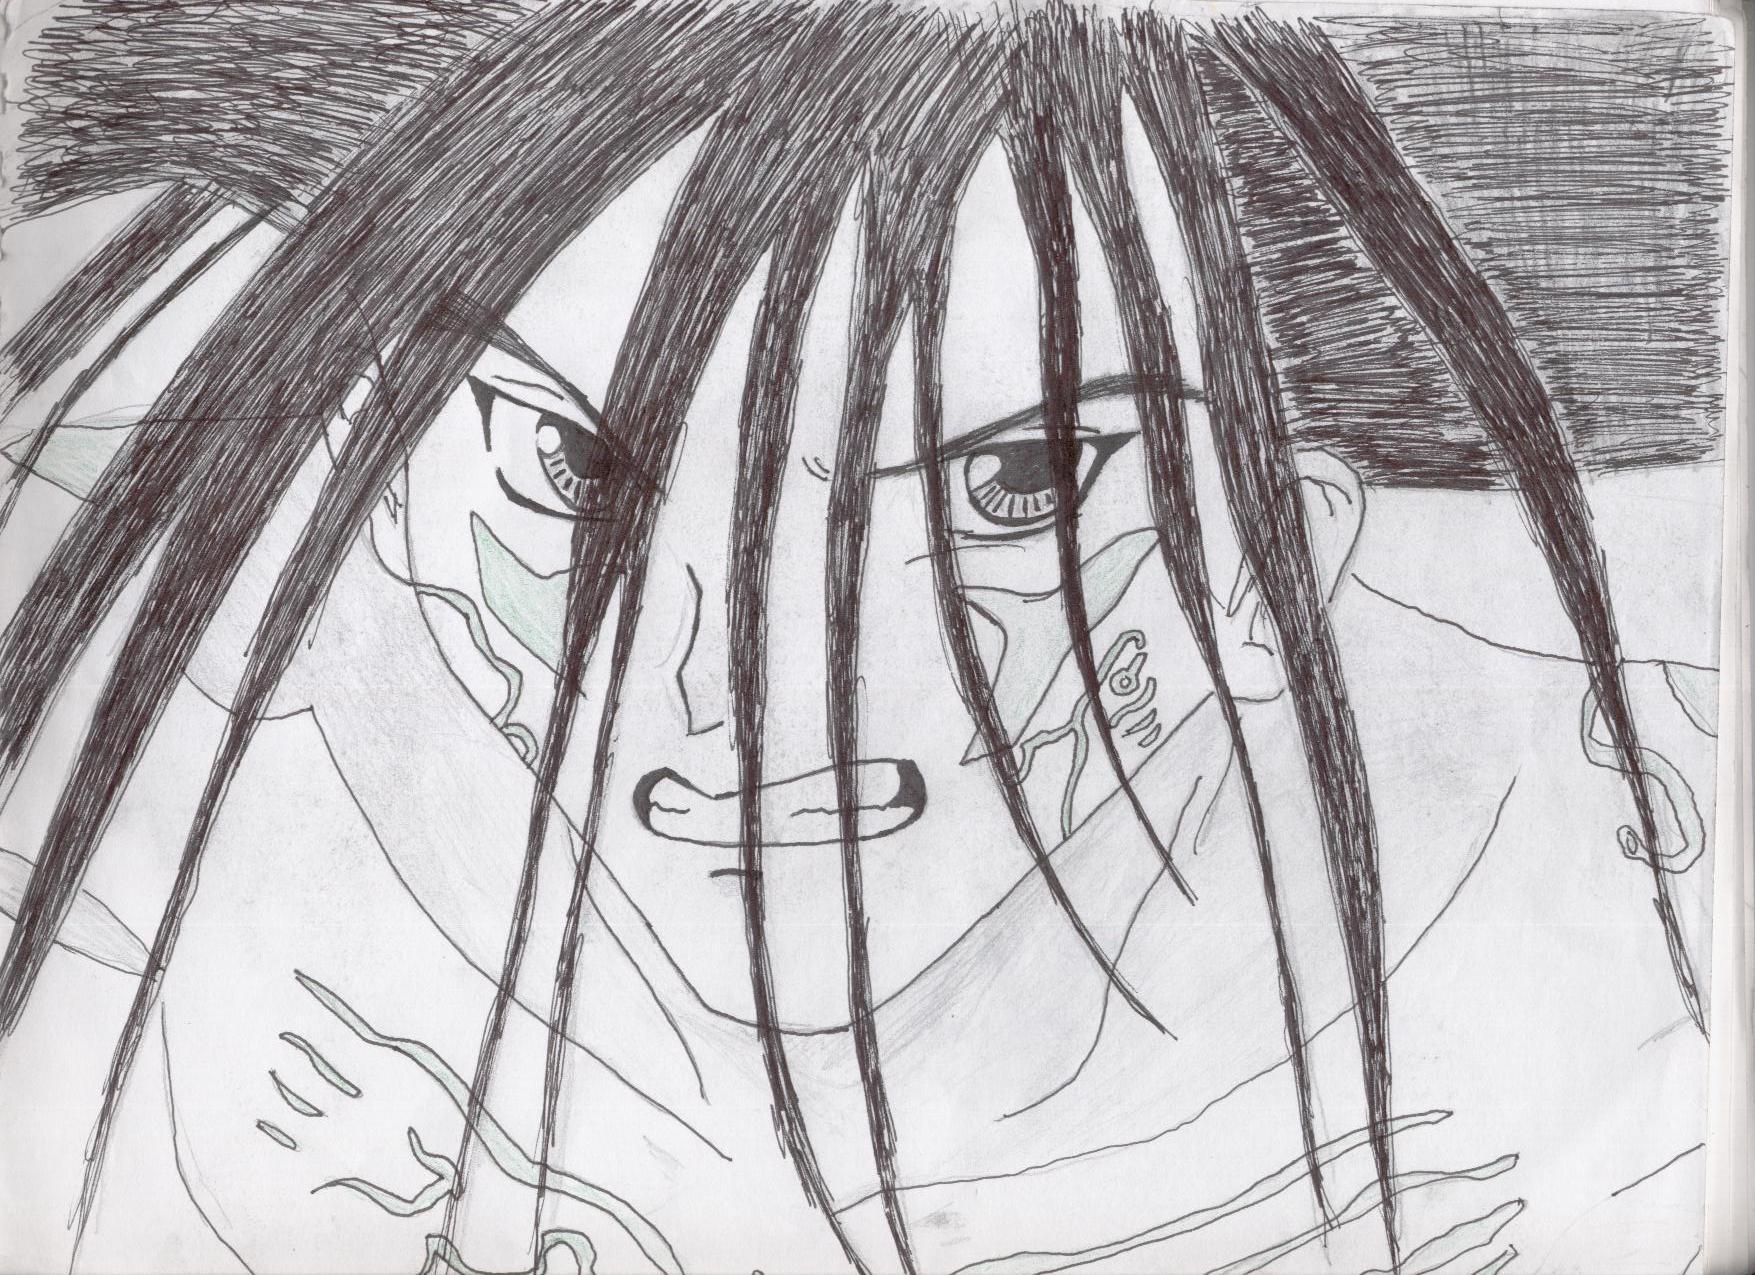 Demon yusuke by kuwalover on deviantart for Yusuke demon